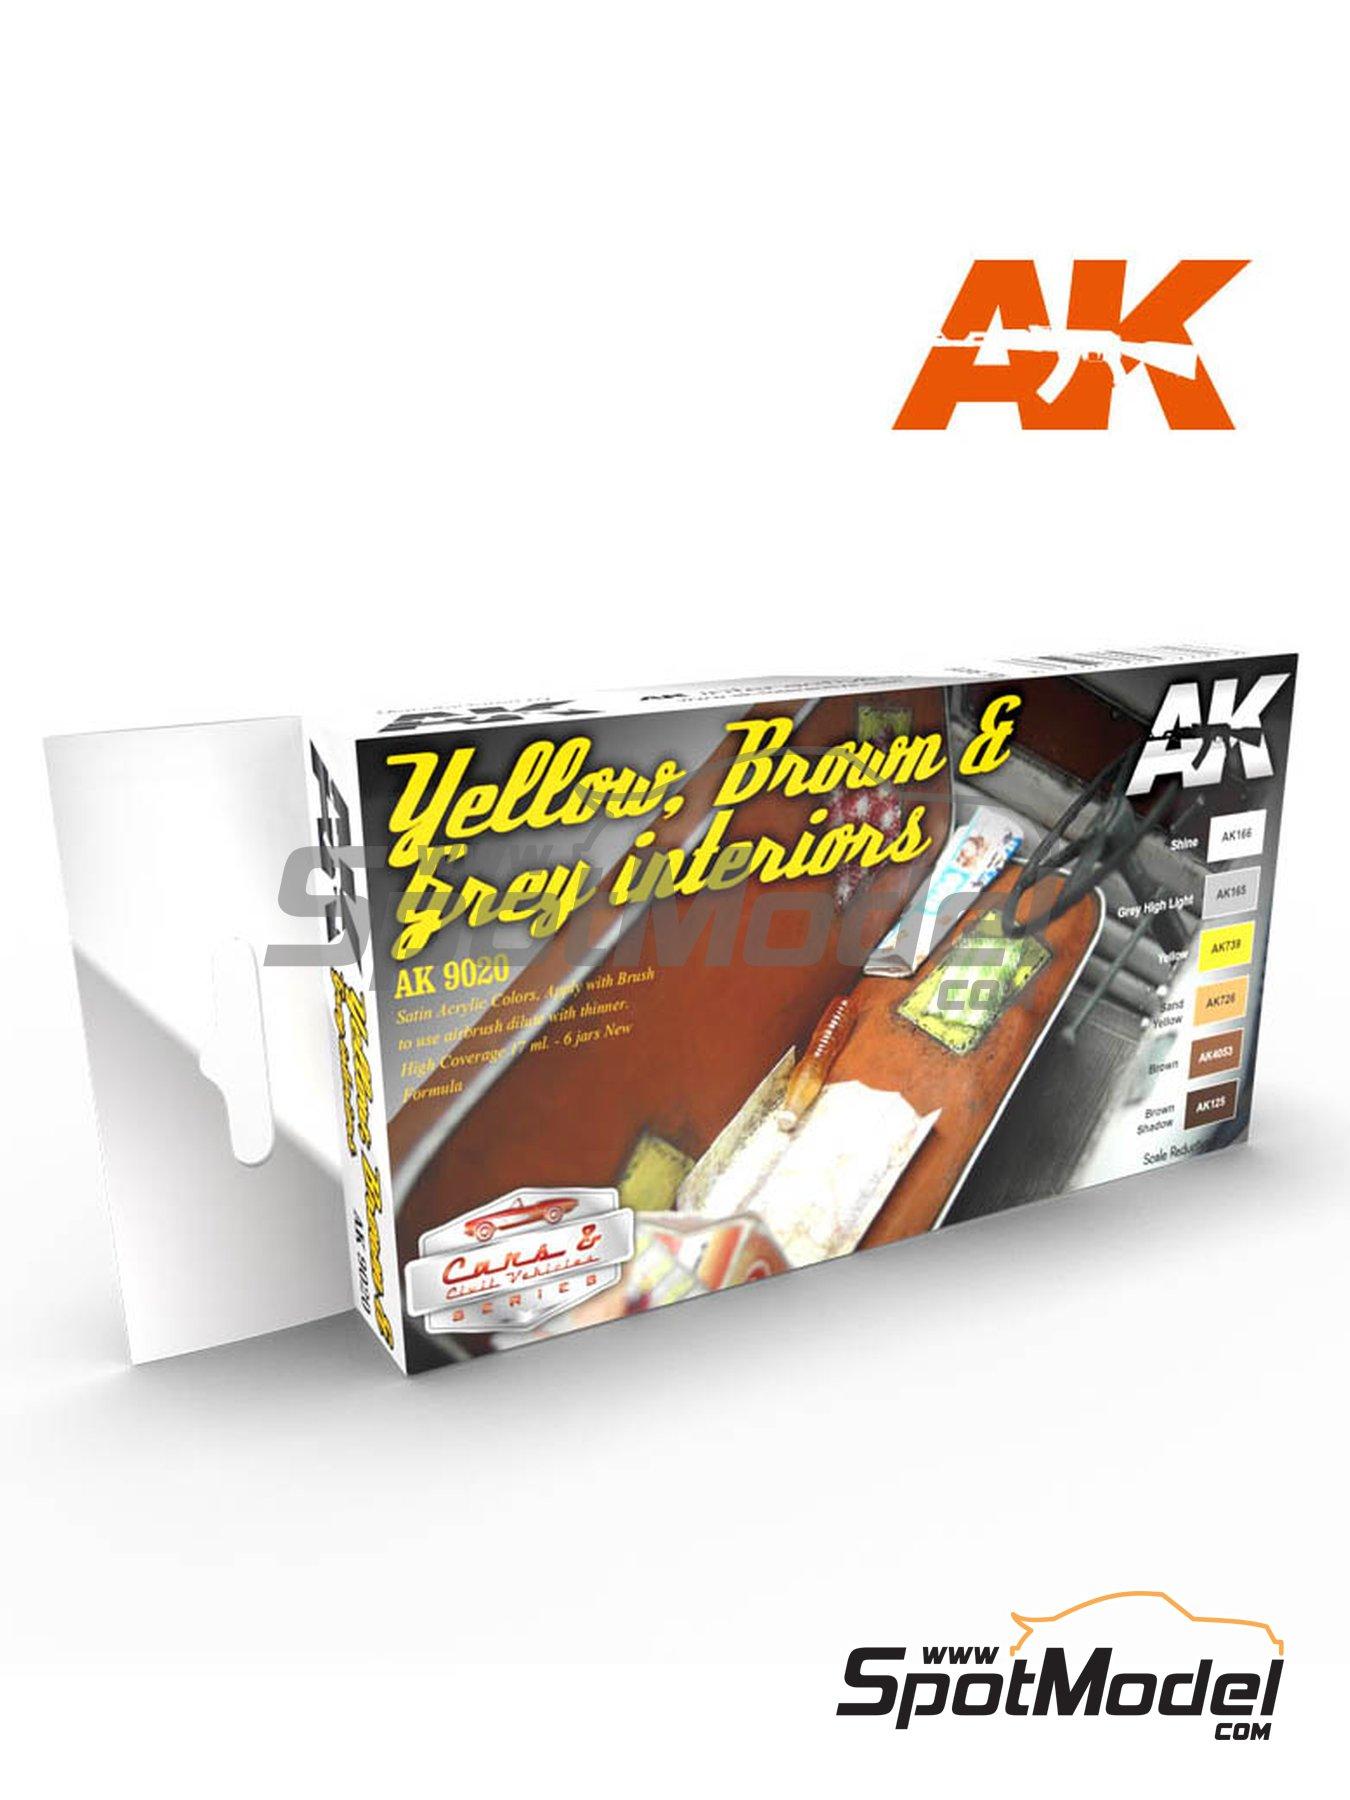 Interiores amarillos, marrones y grises - 6 x 17ml | Set de pinturas fabricado por AK Interactive (ref.AK9020) image